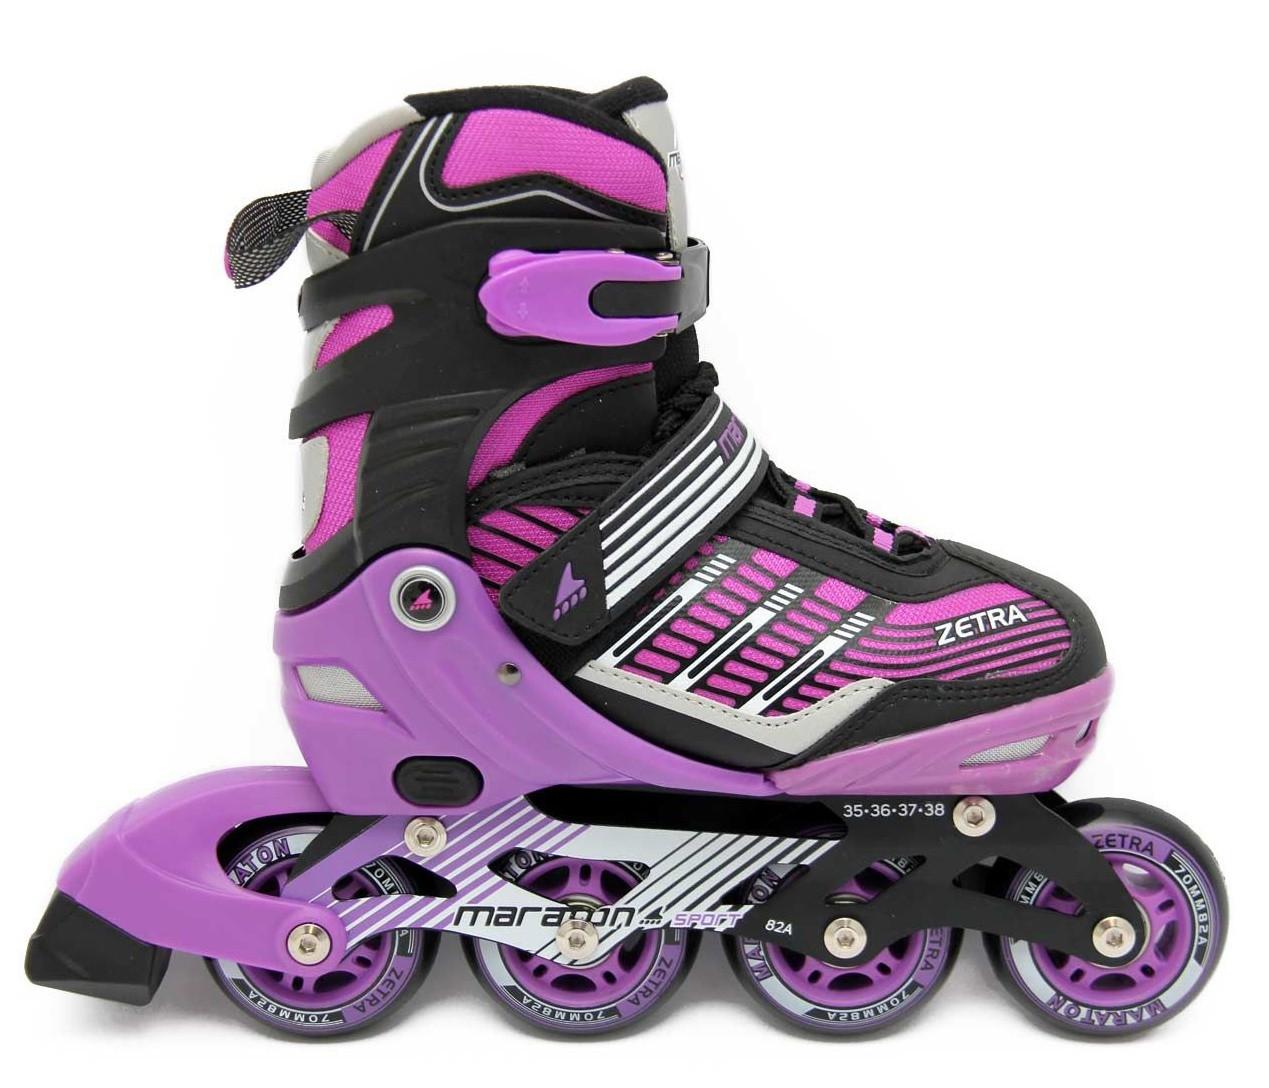 Ролики Maraton Zetra (39-42) фиолетовый